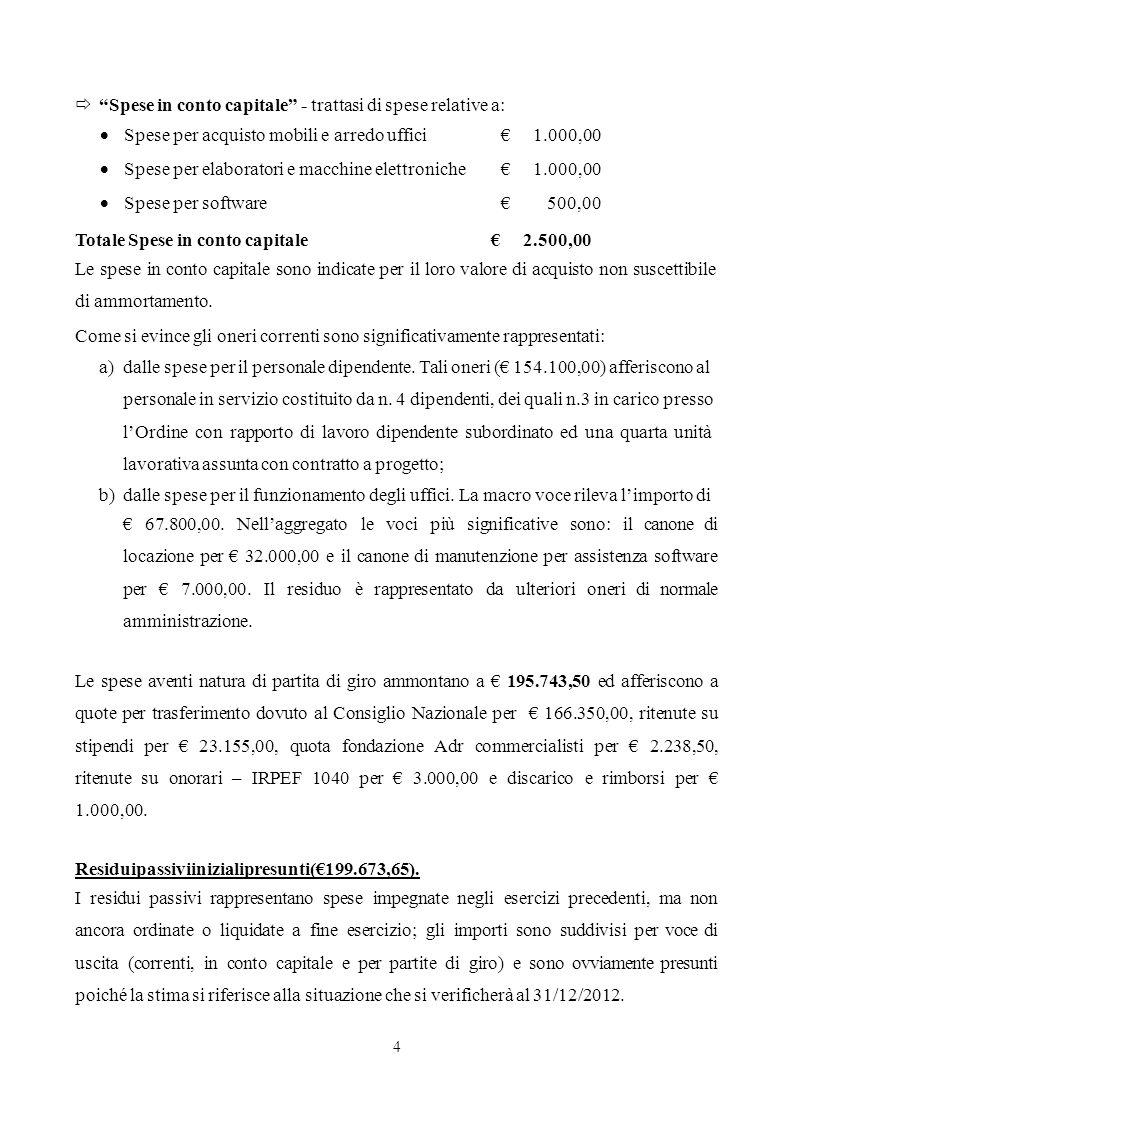  Spese in conto capitale - trattasi di spese relative a: 